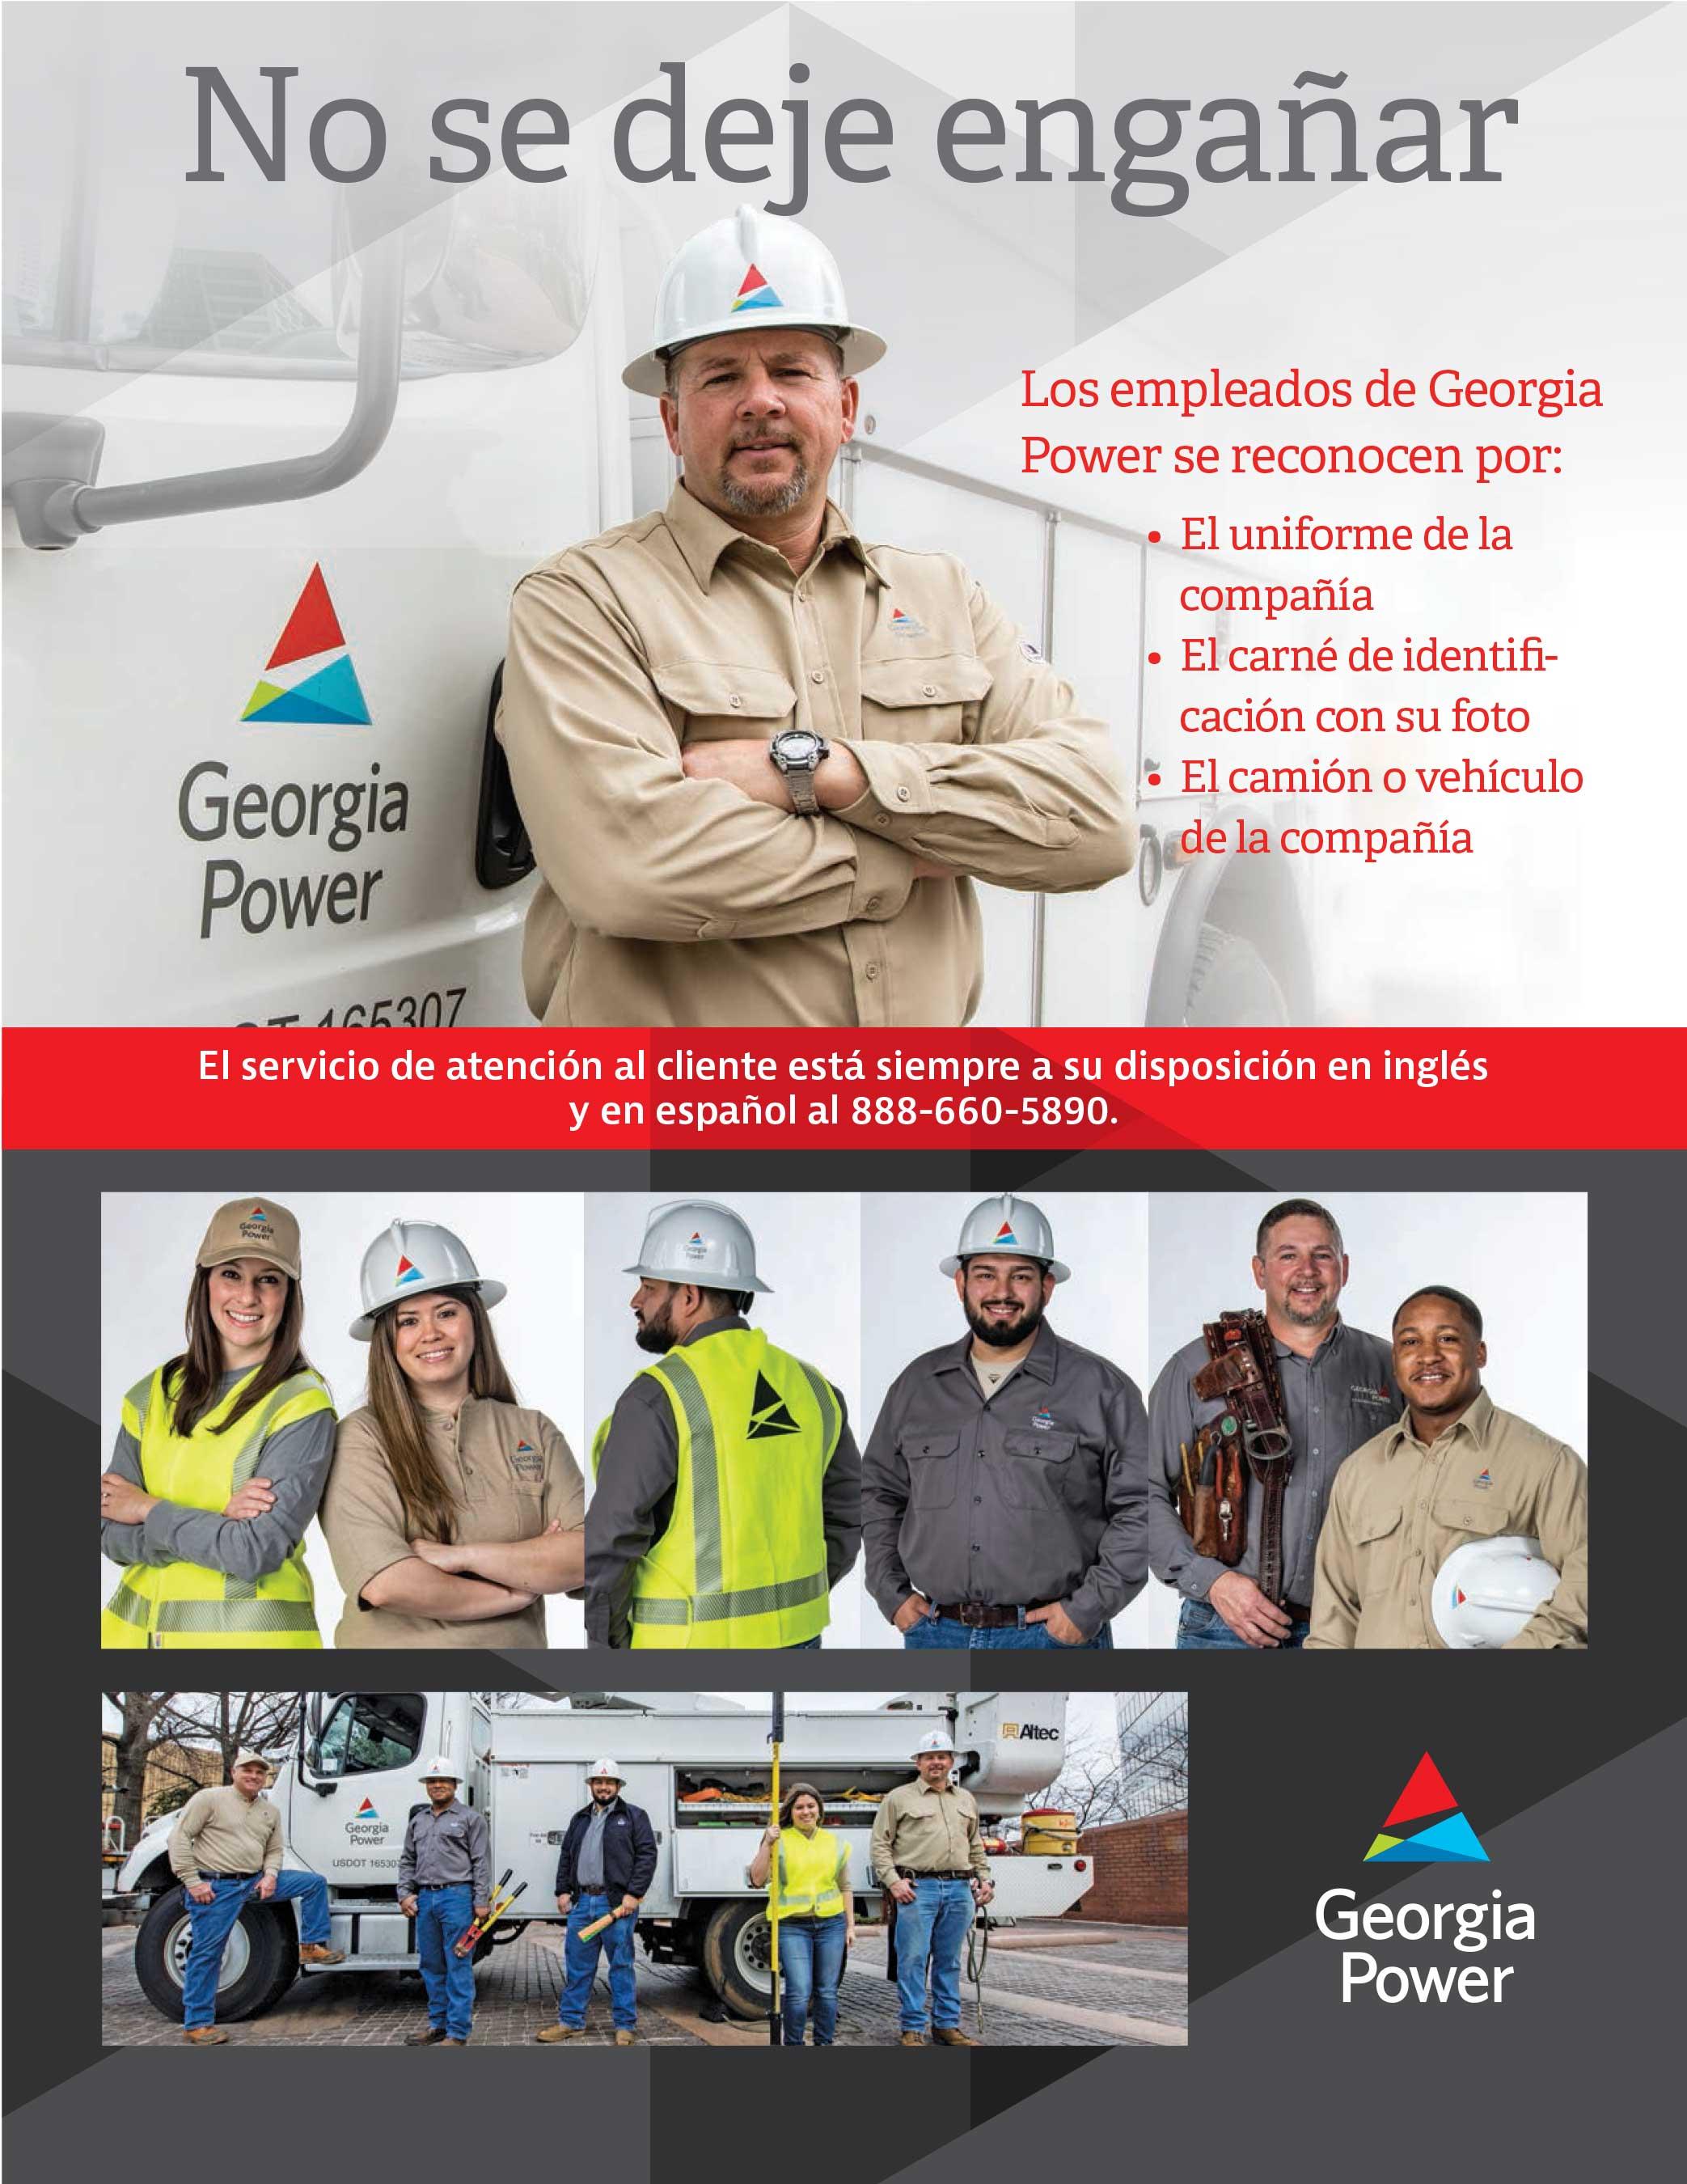 No se deje engañar. Learn how to identify Georgia Power employees in the field.